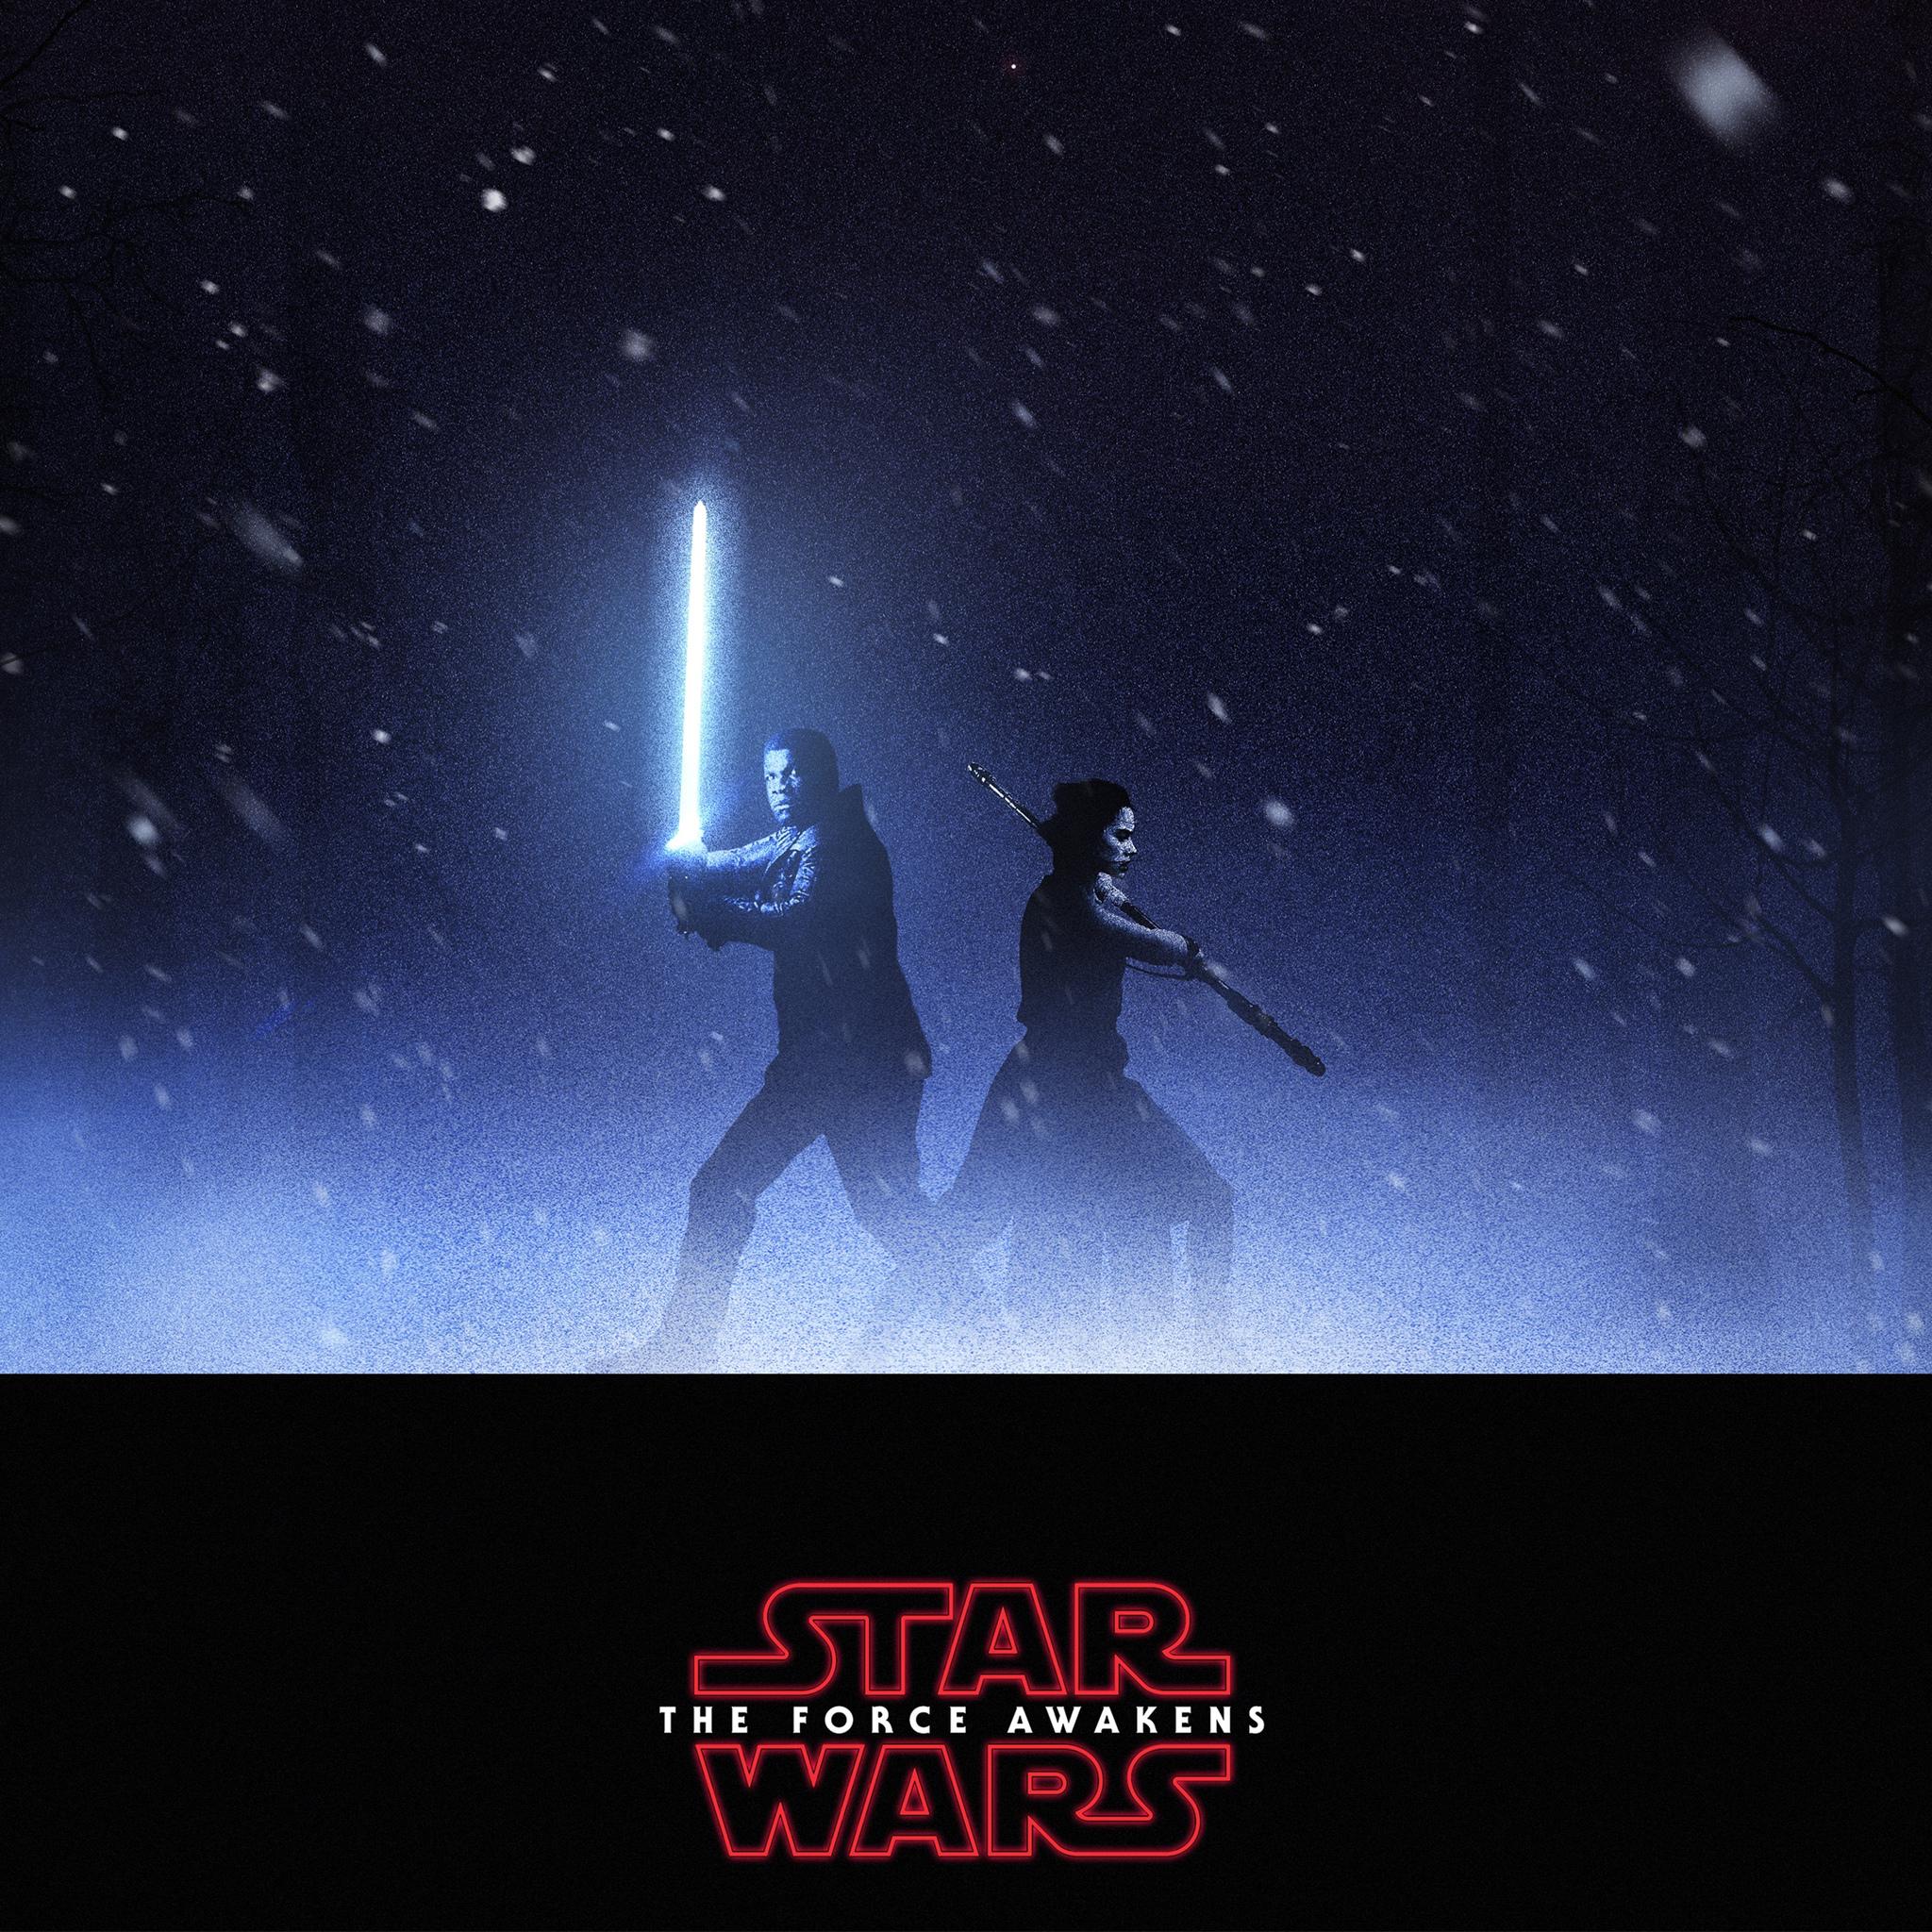 2048x2048 Finn Rey Star Wars Ipad Air HD 4k Wallpapers